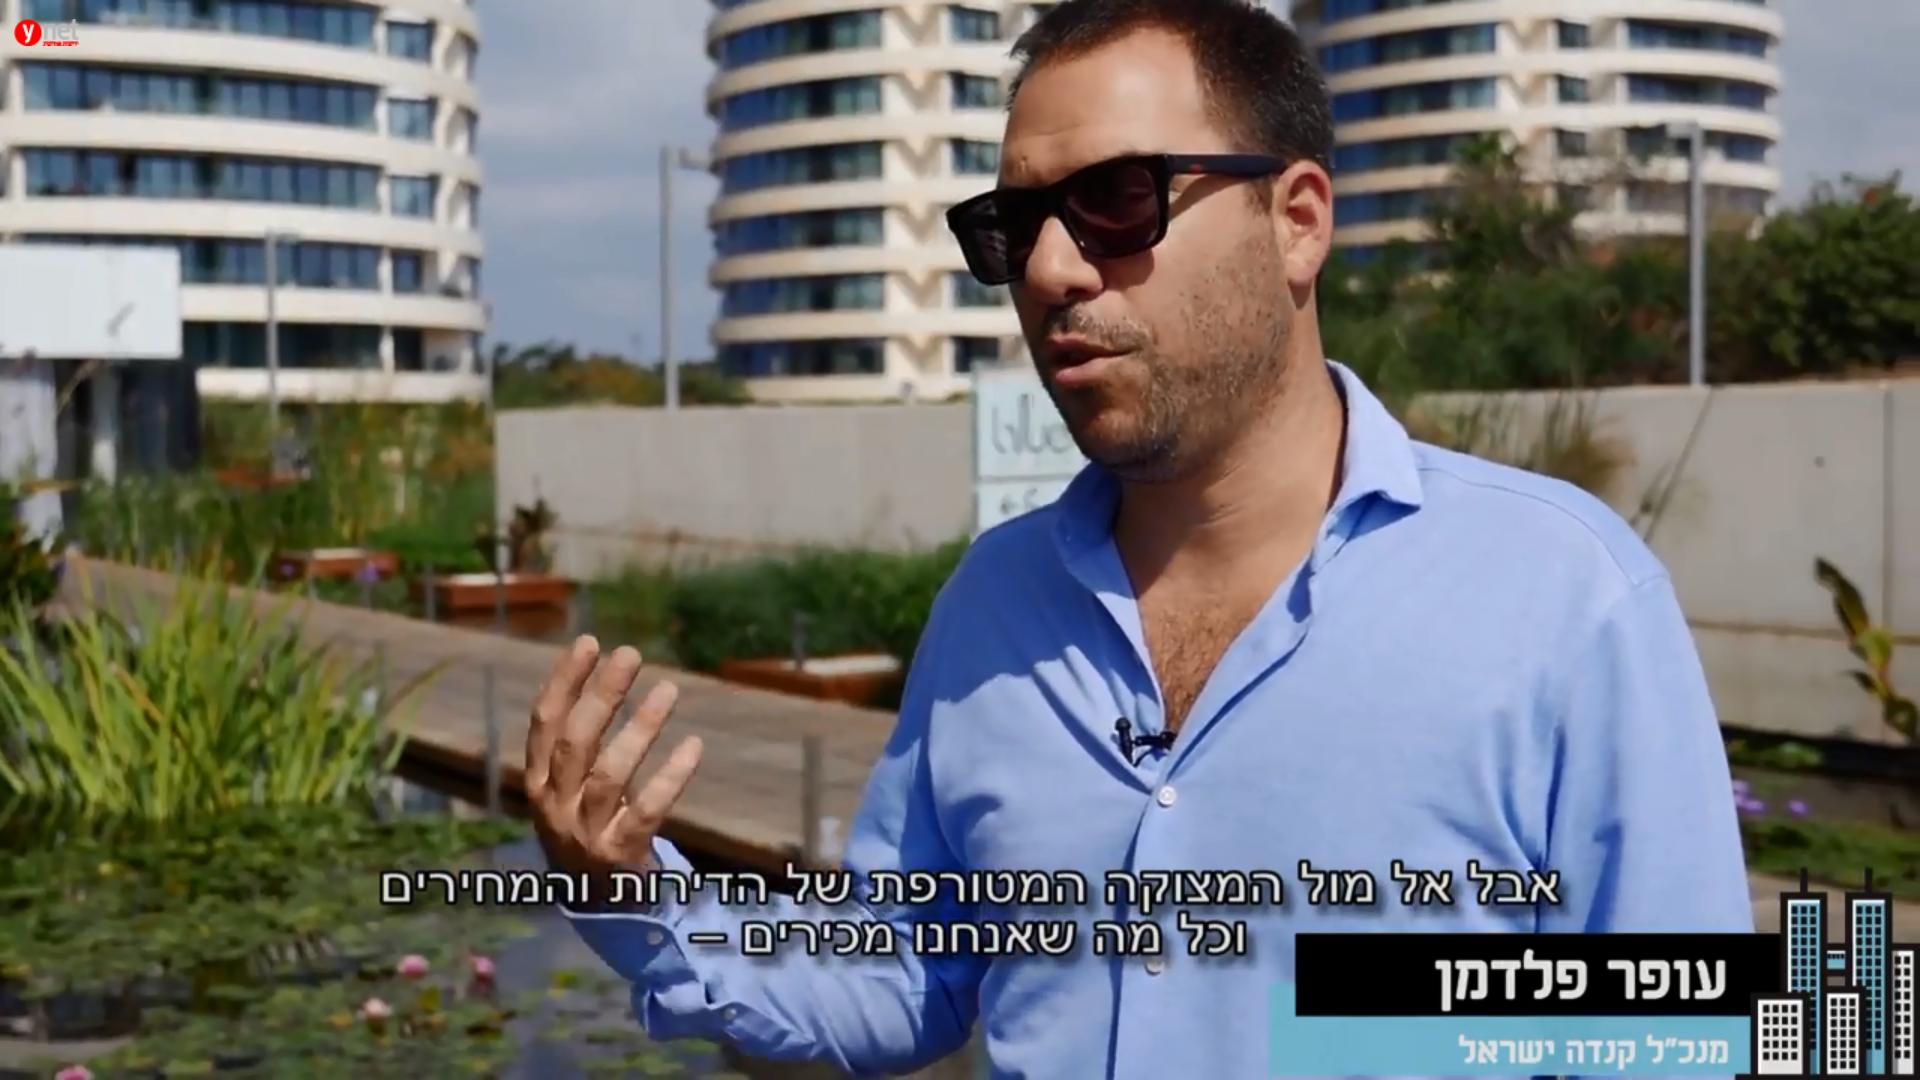 """צפו: קנדה ישראל – 70 שנה לנדל""""ן בישראל"""